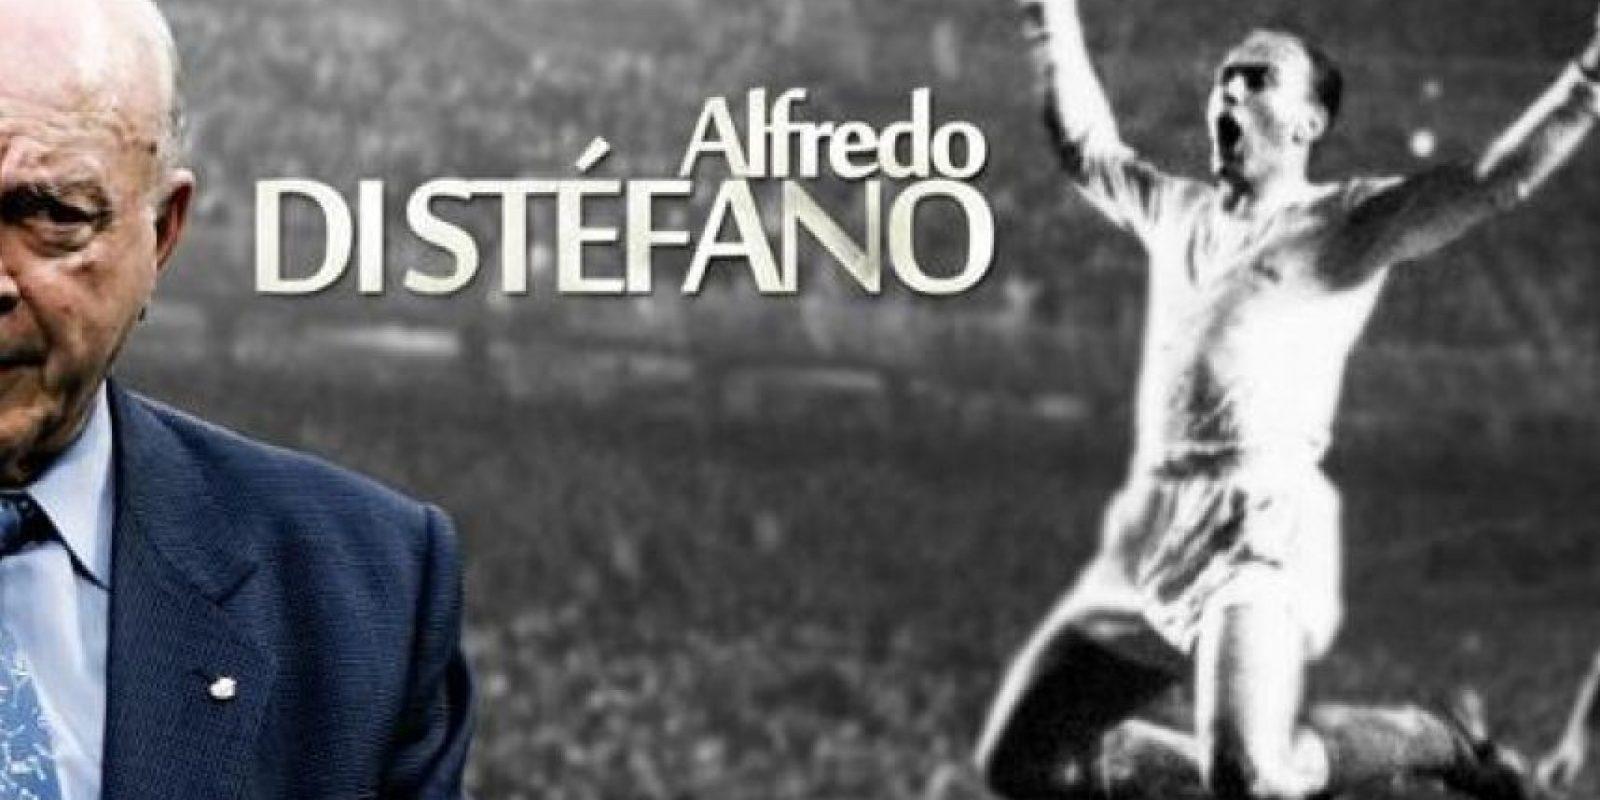 """ALFREDO DI STÉFANO (88 años), eximio futbolista y entrenador hispano-argentino. Su historia estaba íntimamente ligada a la del Real Madrid, con el que ganó cinco Copas de Europa consecutivas de 1956 a 1960. Vistió la """"Albiceleste"""", la """"Roja"""" e incluso la """"Cafetera"""" en algunos amistosos, pero no pudo disputar nunca un Mundial. Foto:Publinews"""